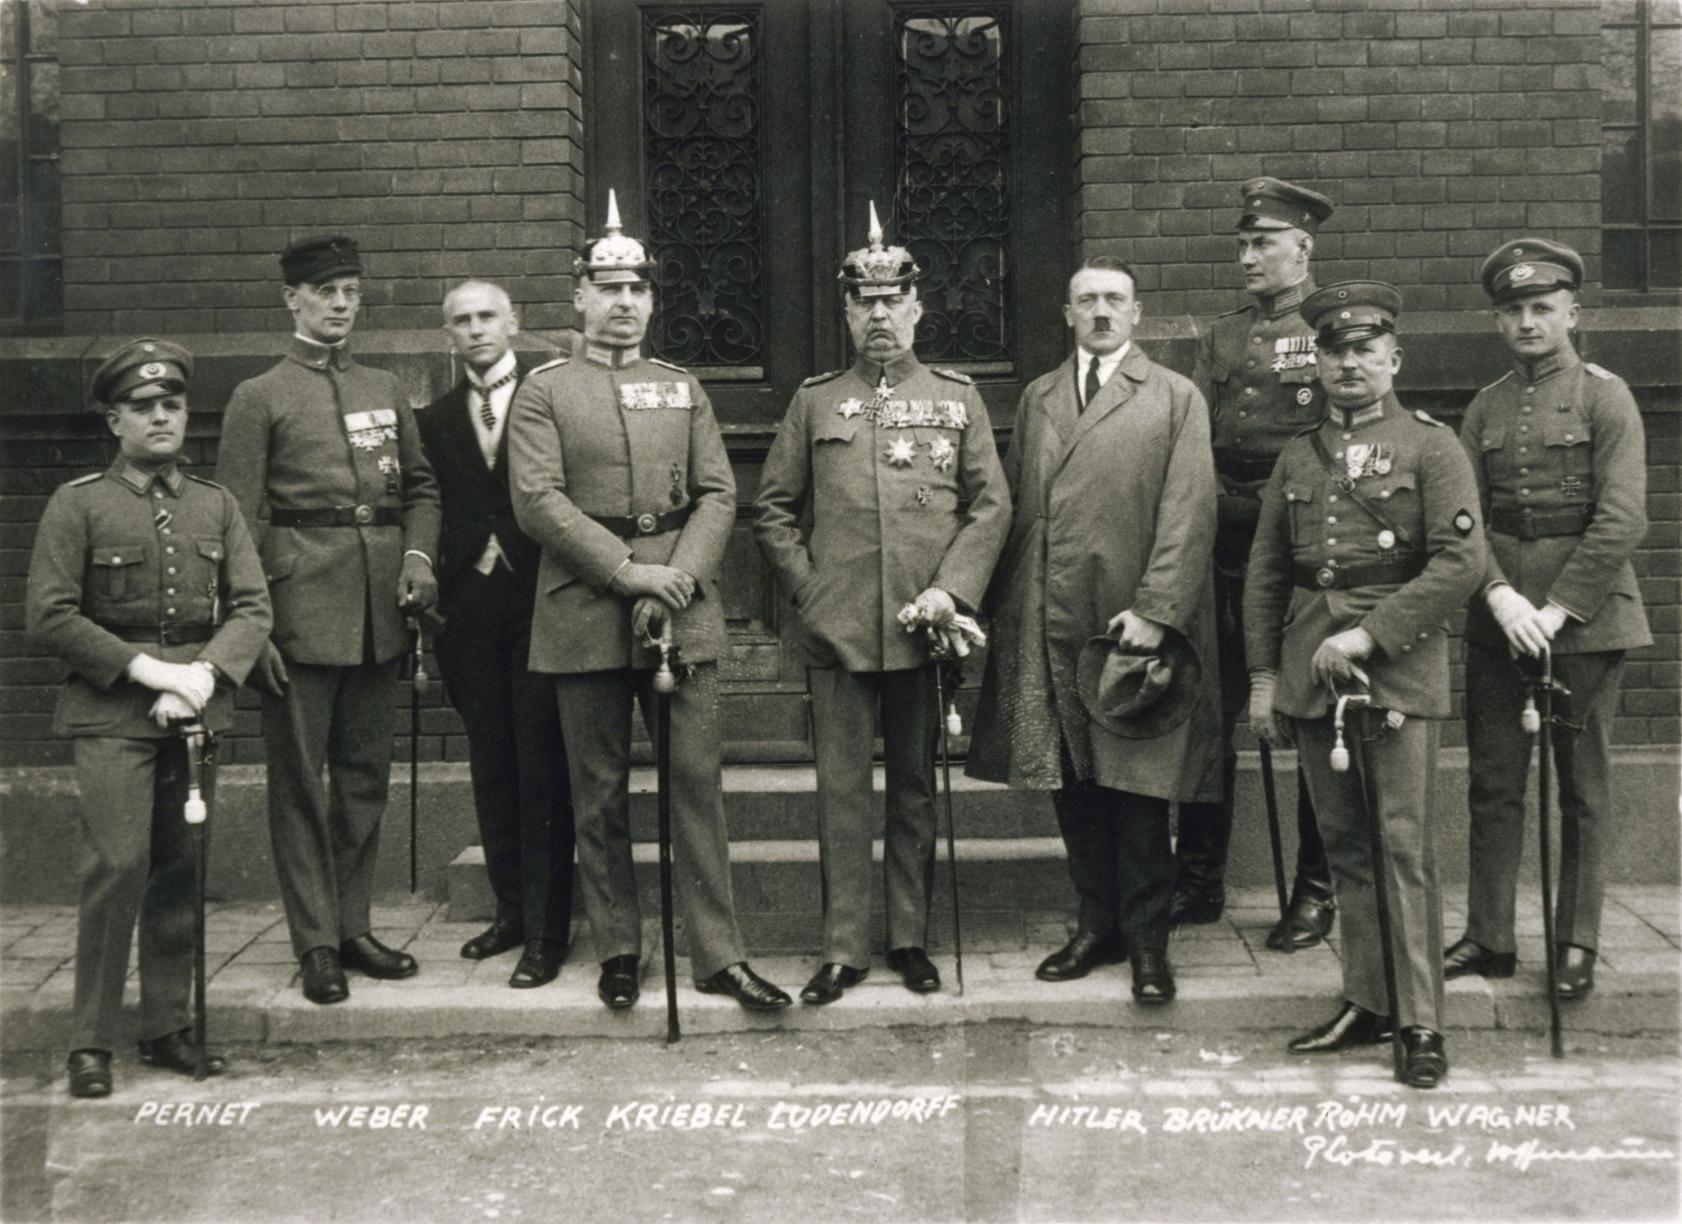 """Hitler i forbindelse med retssagen i 1924 om """"ølkælderkuppet"""". Hitler ses som nr. 4 fra højre. Foto: Deutsches Bundesarchiv"""